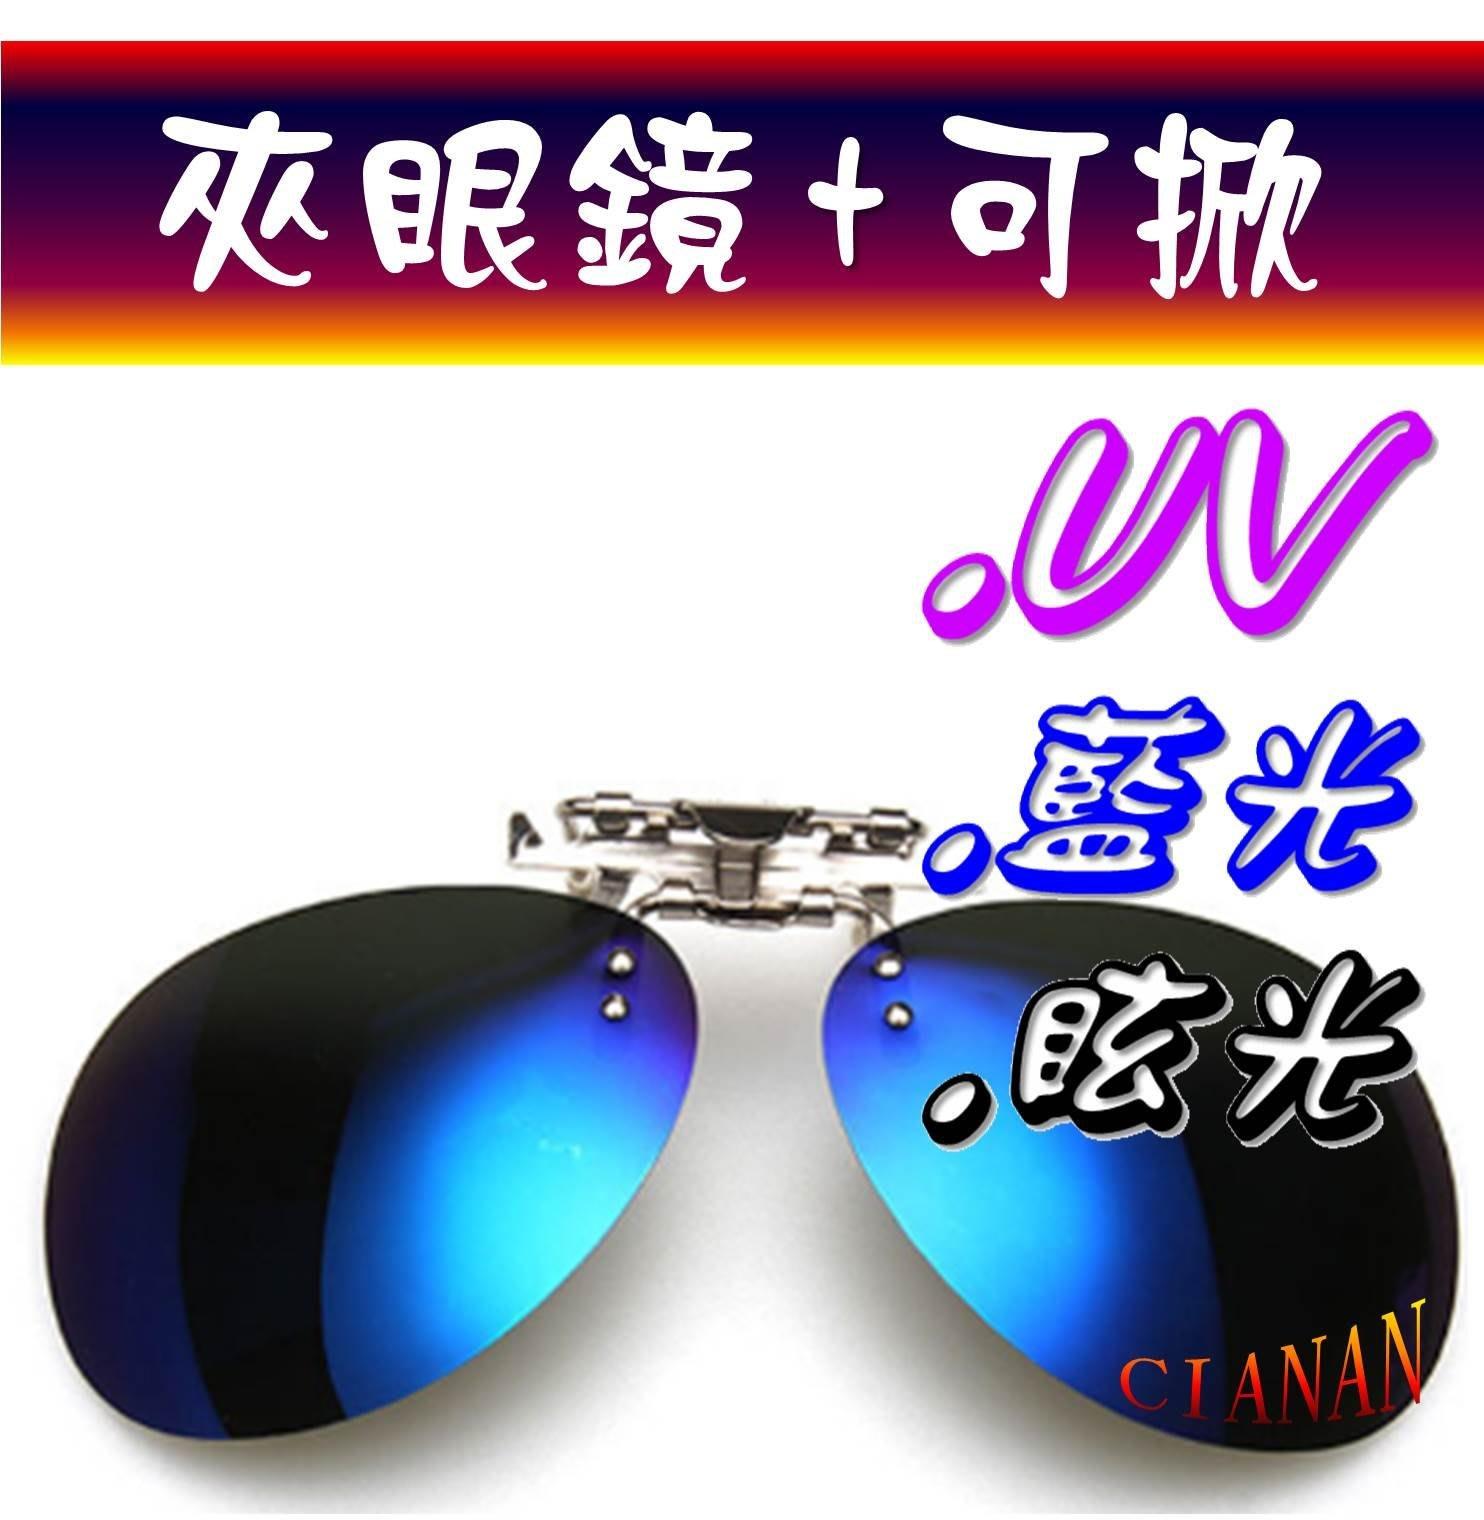 夾鏡 夾片 可掀 近視族 抗反射 抗藍光 寶麗來 偏光太陽眼鏡 UV400 太陽眼鏡 偏光眼鏡 偏光鏡片! GSRY